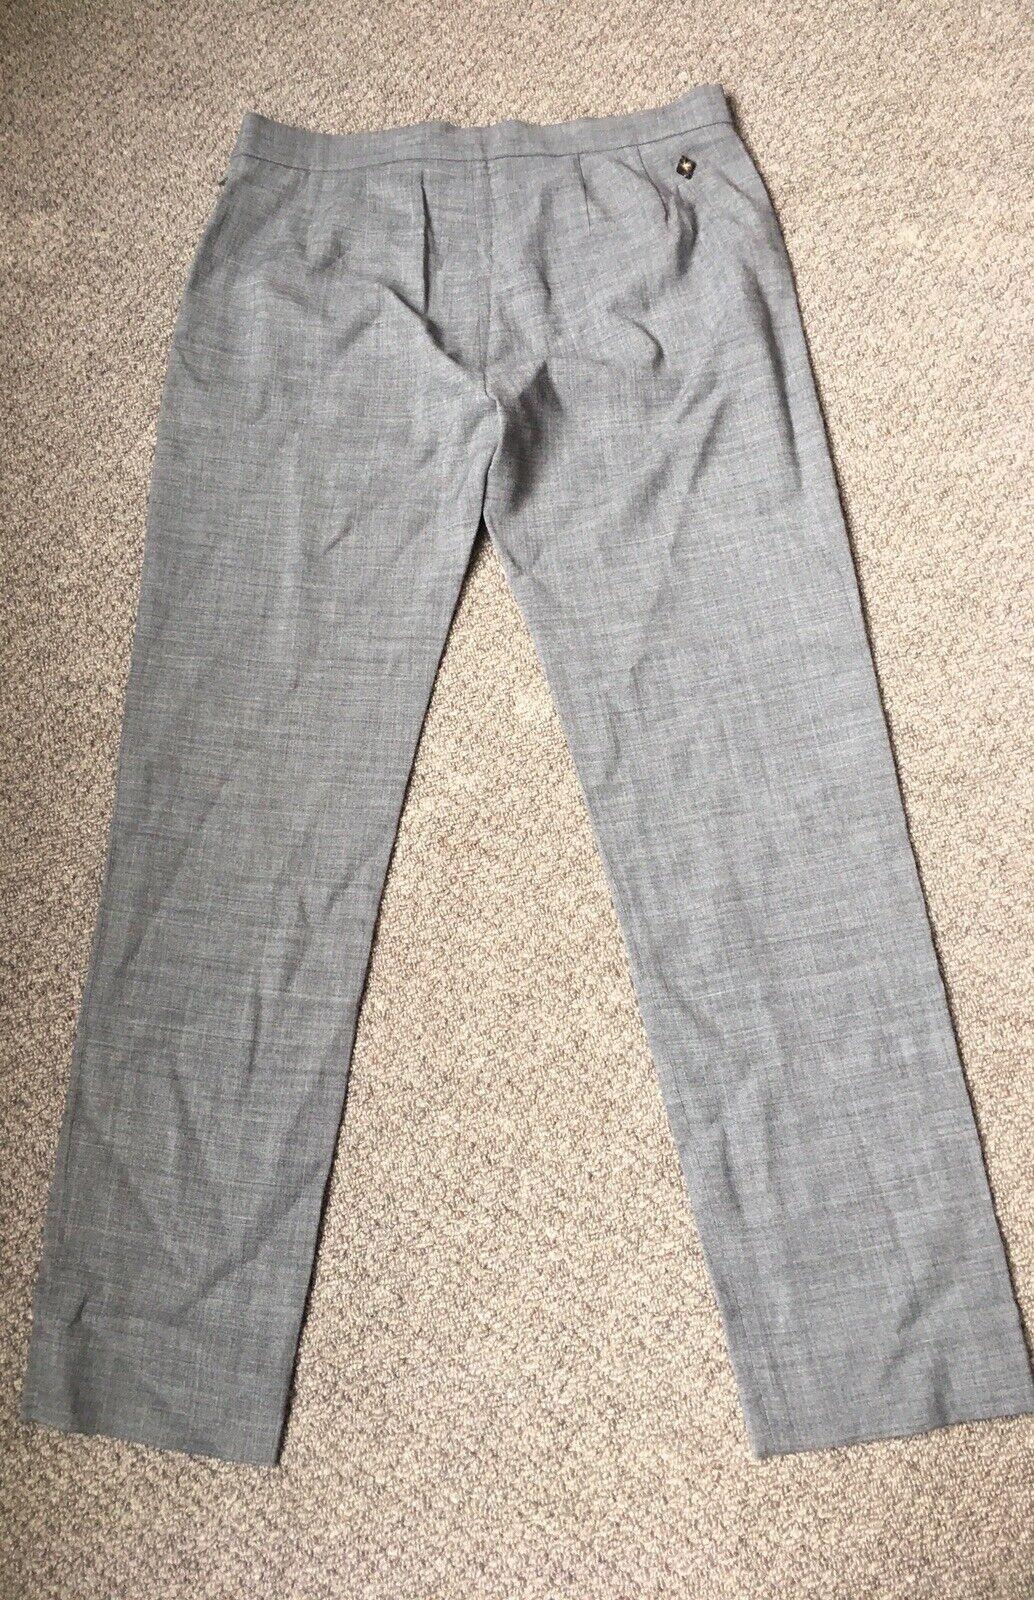 Ballantyne 1921 Pantaloni XS XS XS S a77e6b